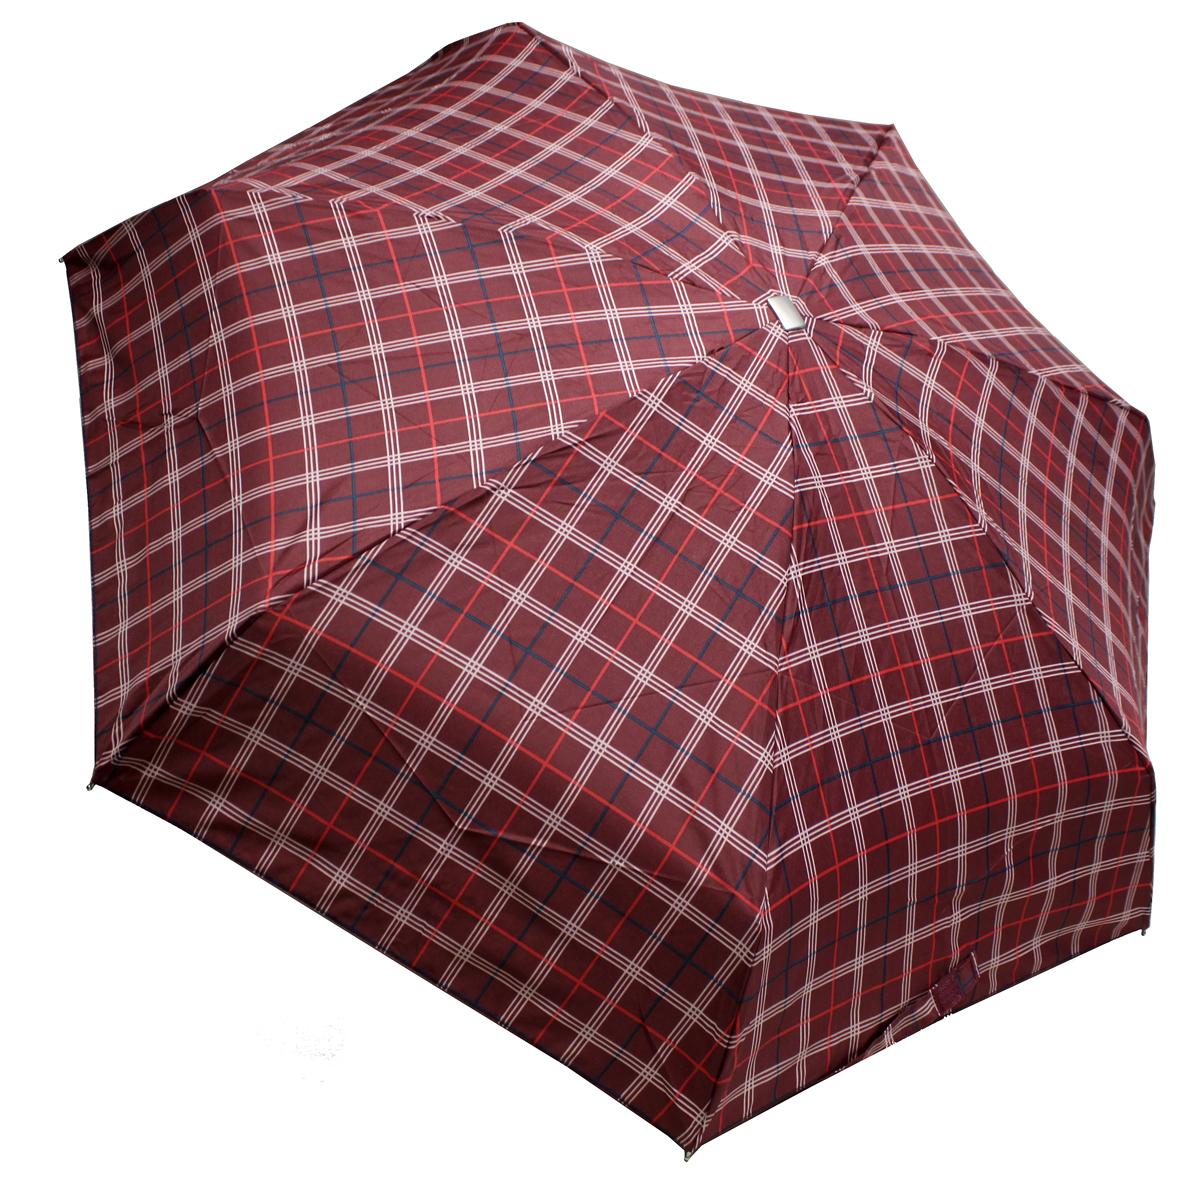 Зонт женский Edmins, механика, 5 сложений, цвет: бордовыйвый. 110-7Пуссеты (гвоздики)Механический компактный зонт Edmins в 5 сложений даже в ненастную погоду позволит вам оставаться стильной и элегантной. Купол зонта выполнен из прочного полиэстера. Каркас зонта выполнен из 7 металлических спиц, удобная рукоятка - из пластика с металлизированным матовым покрытием. Стержень выполнен из алюминия и стали.На рукоятке для удобства есть небольшой шнурок, позволяющий надеть зонт на руку тогда, когда это будет необходимо. Зонт оснащен системой антиветер, что защищает его от поломок при выворачивании ветром. Компактные размеры зонта в сложенном виде позволят ему без труда поместиться в сумочке и не доставят никаких проблем во время переноски. К зонту прилагается чехол. Длина спицы: 51 см.Длина стержня: 48 см.Вес: 240 г.